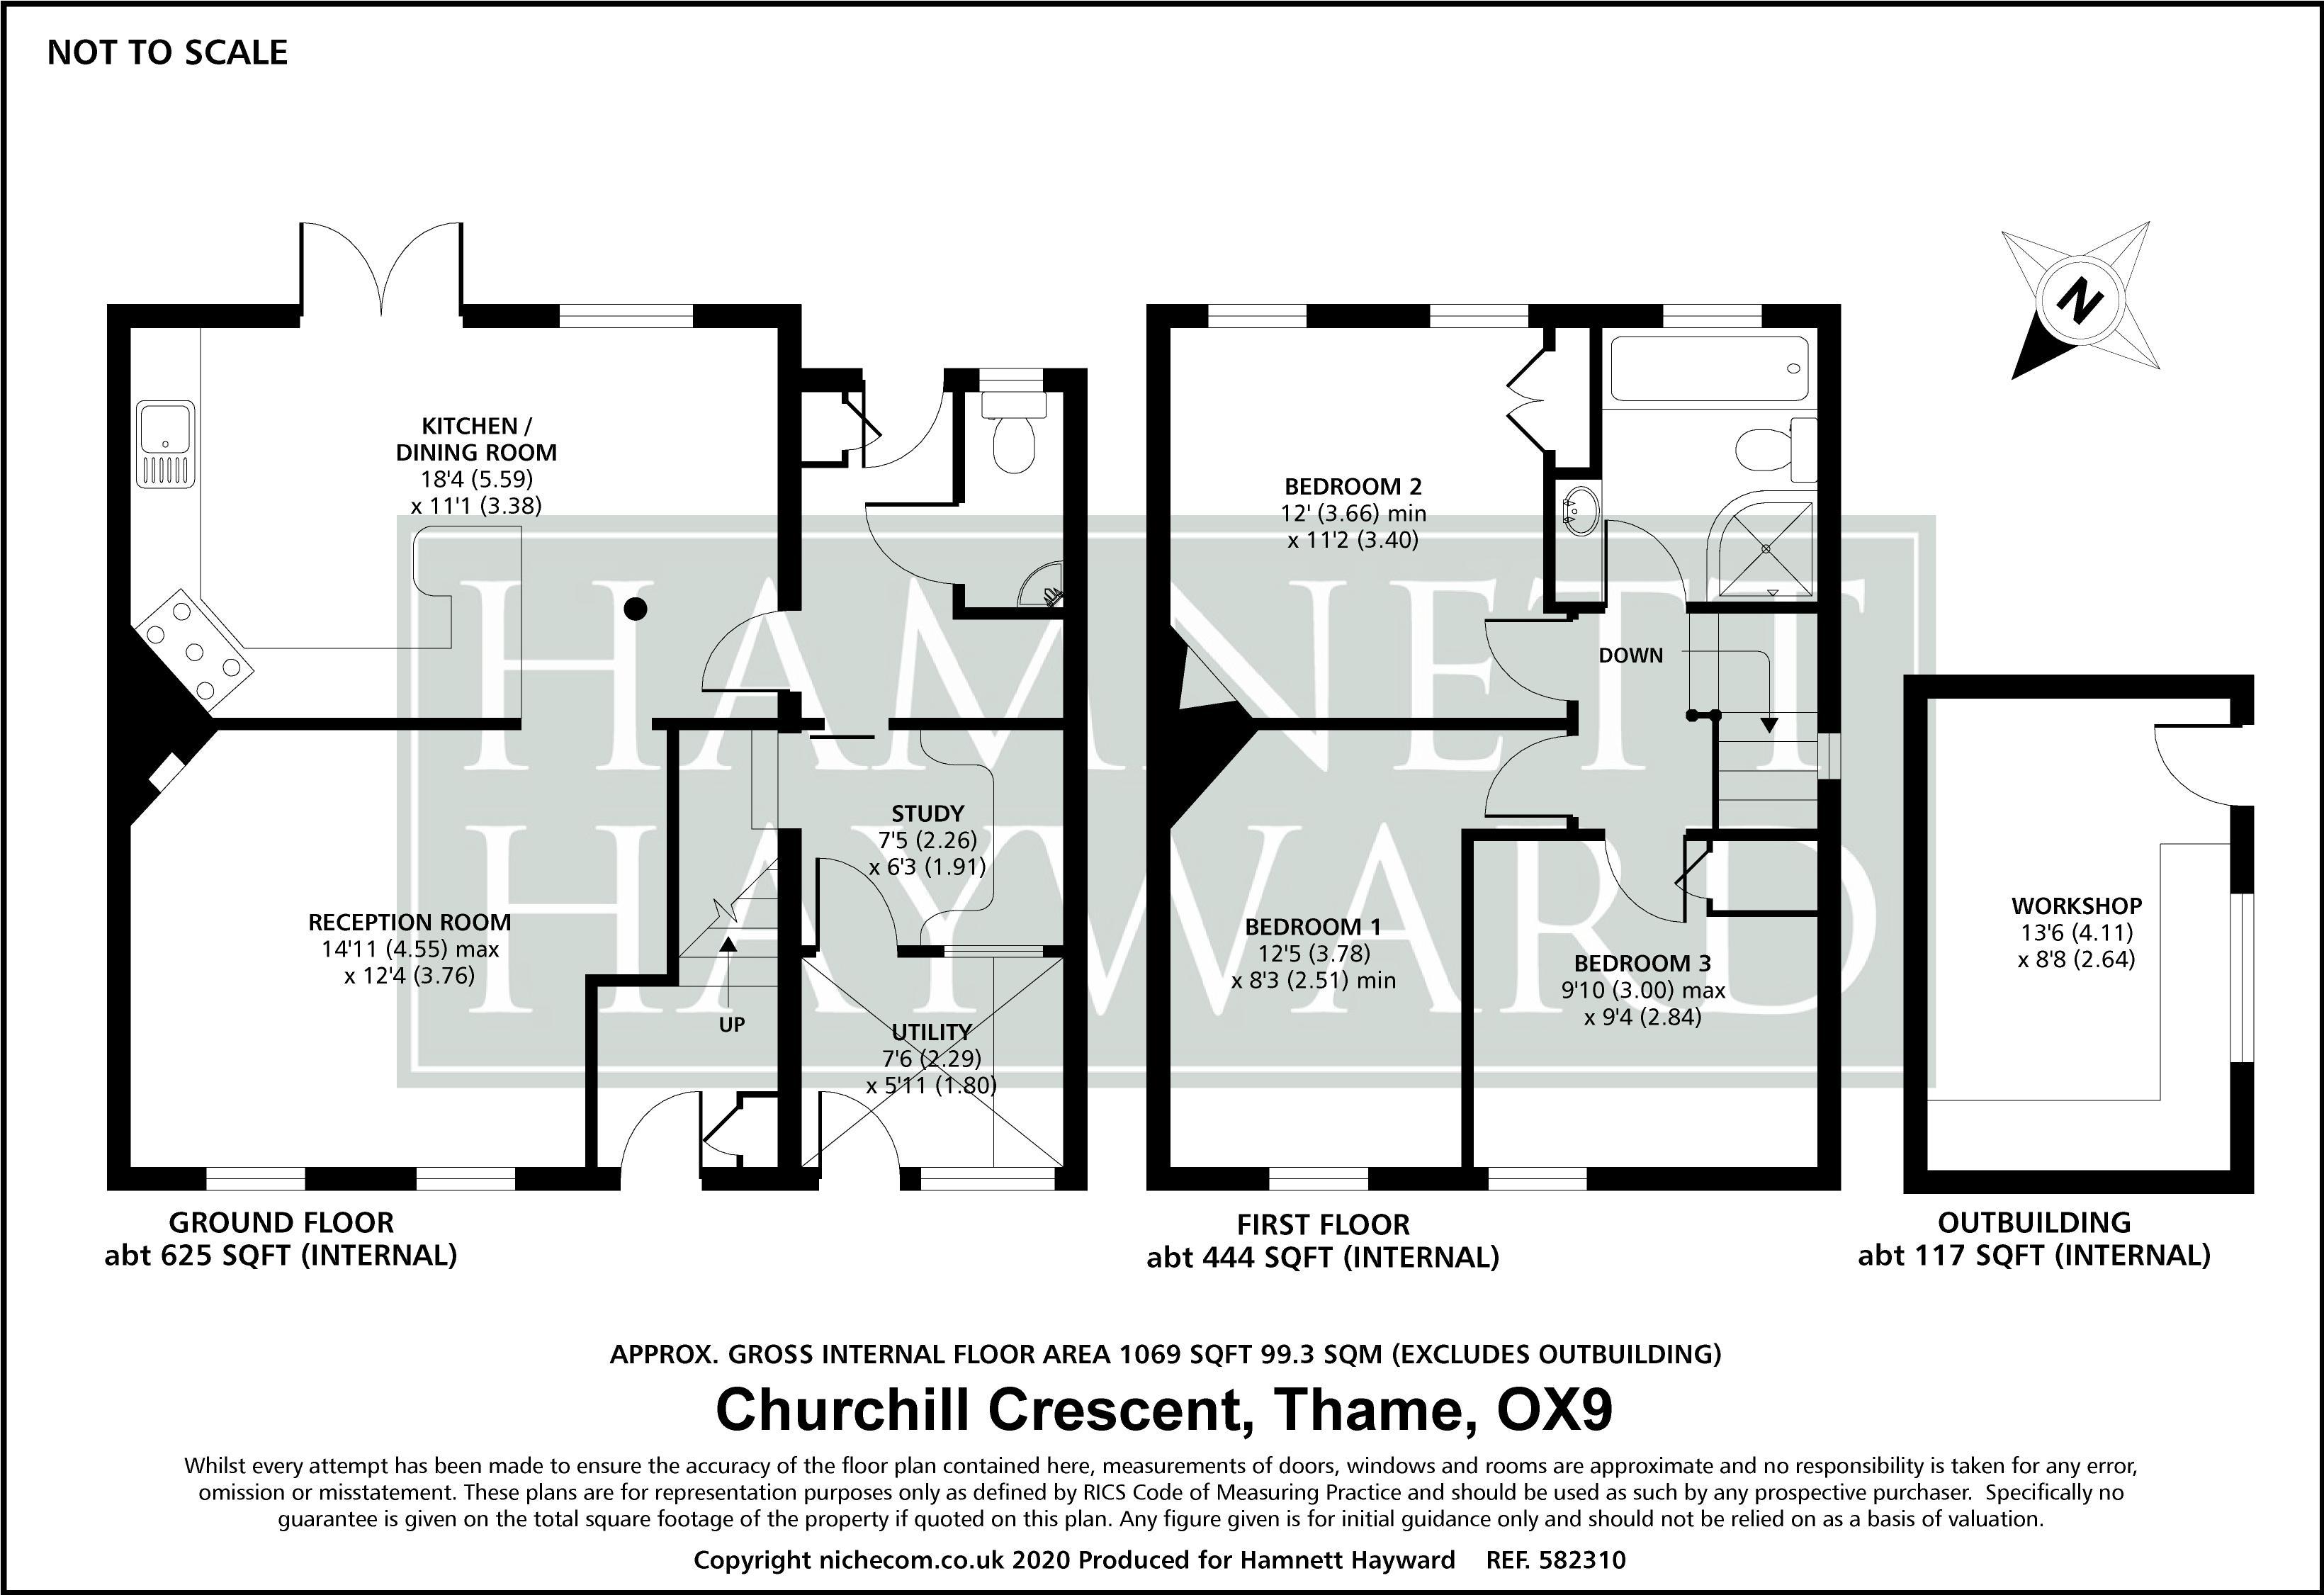 Churchill Crescent